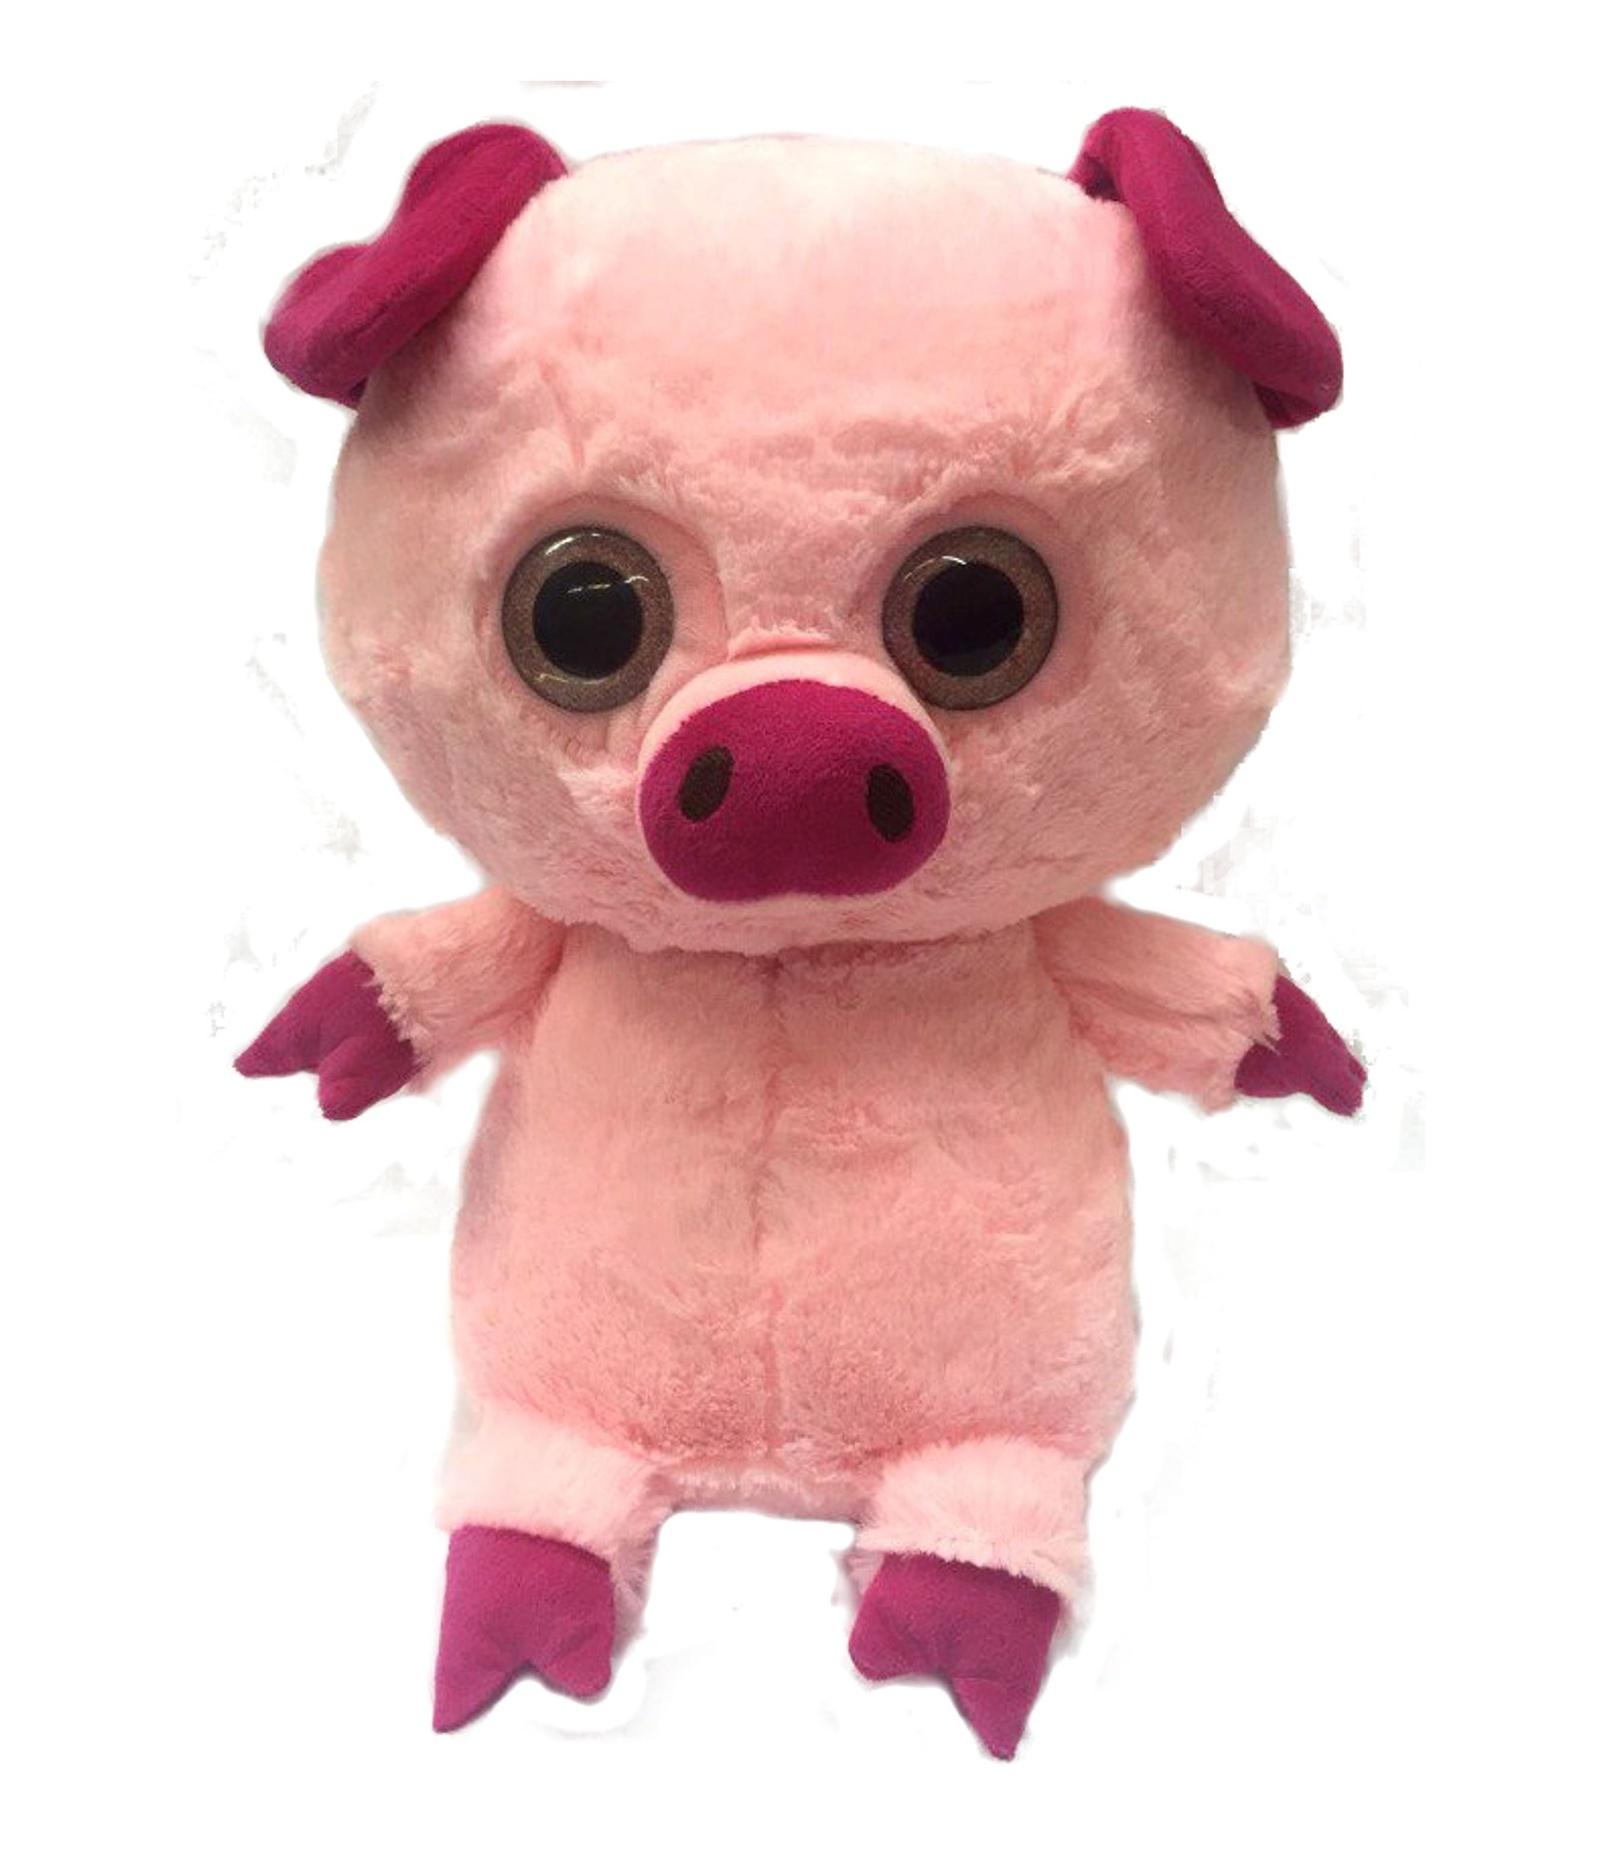 Мягкая игрушка СмолТойс Поросенок-глазастик, 6166S/РЗ/35, розовый